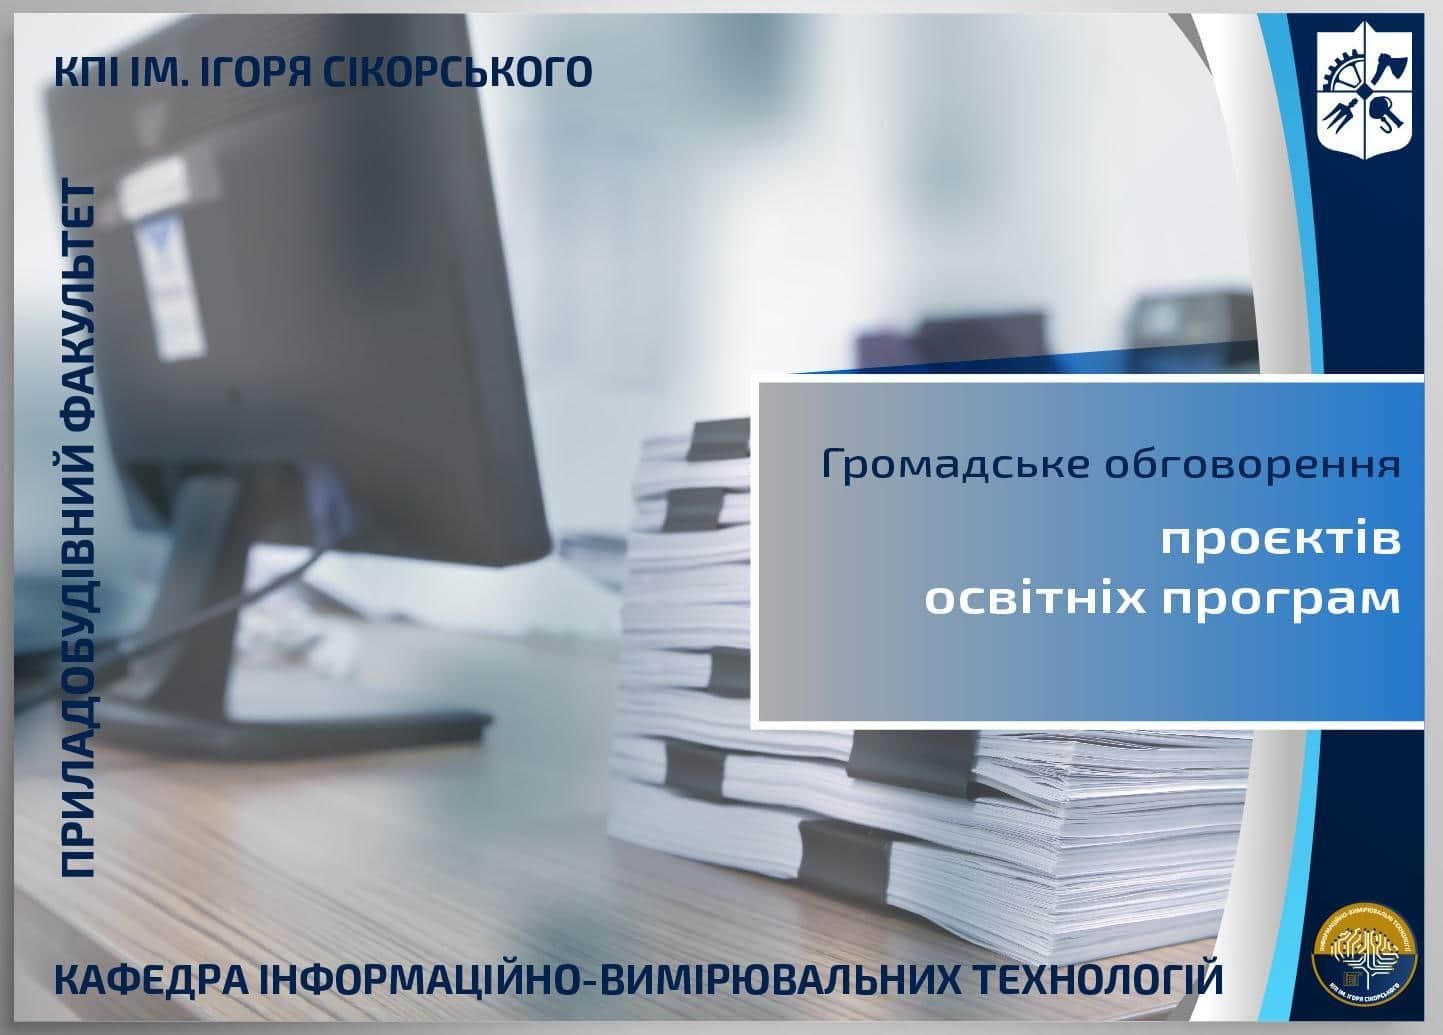 Громадське обговорення проєктів освітніх програм